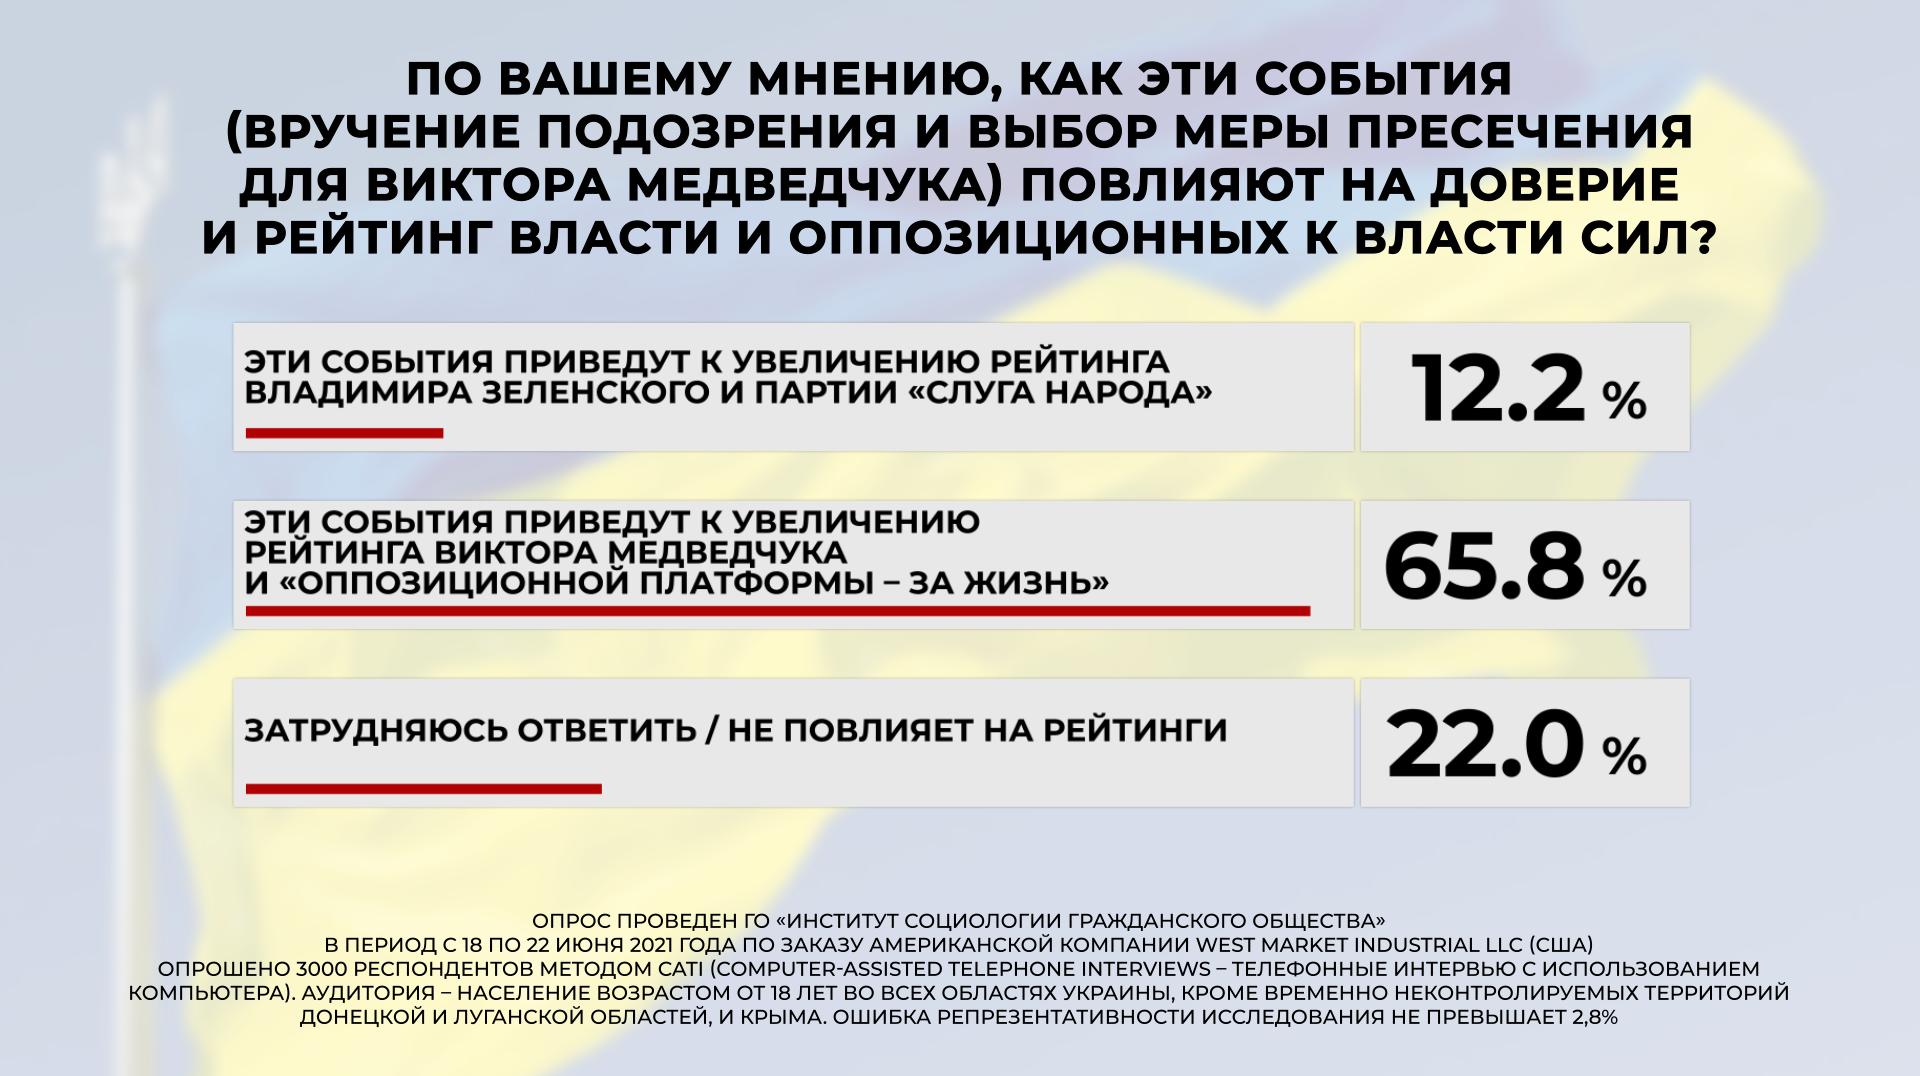 Суд над Медведчуком более 60% украинцев считают манипуляцией власти — опрос - фото 7